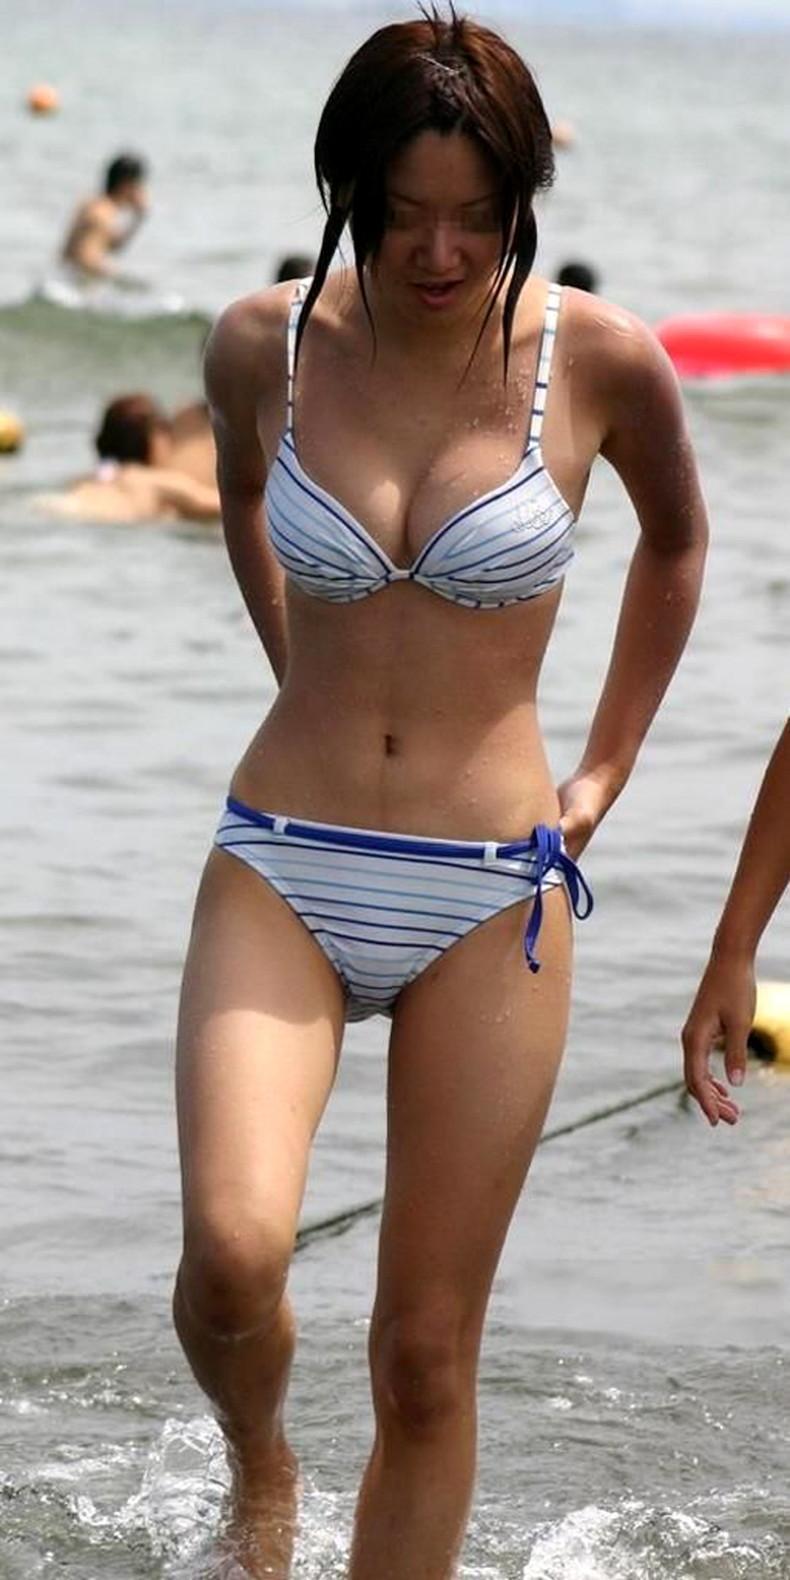 【おっぱい】ビーチでエロ過ぎる素人のビキニギャルを発見したので谷間や胸チラを盗撮したったビーチ巨乳のおっぱい画像集!ww【80枚】 59